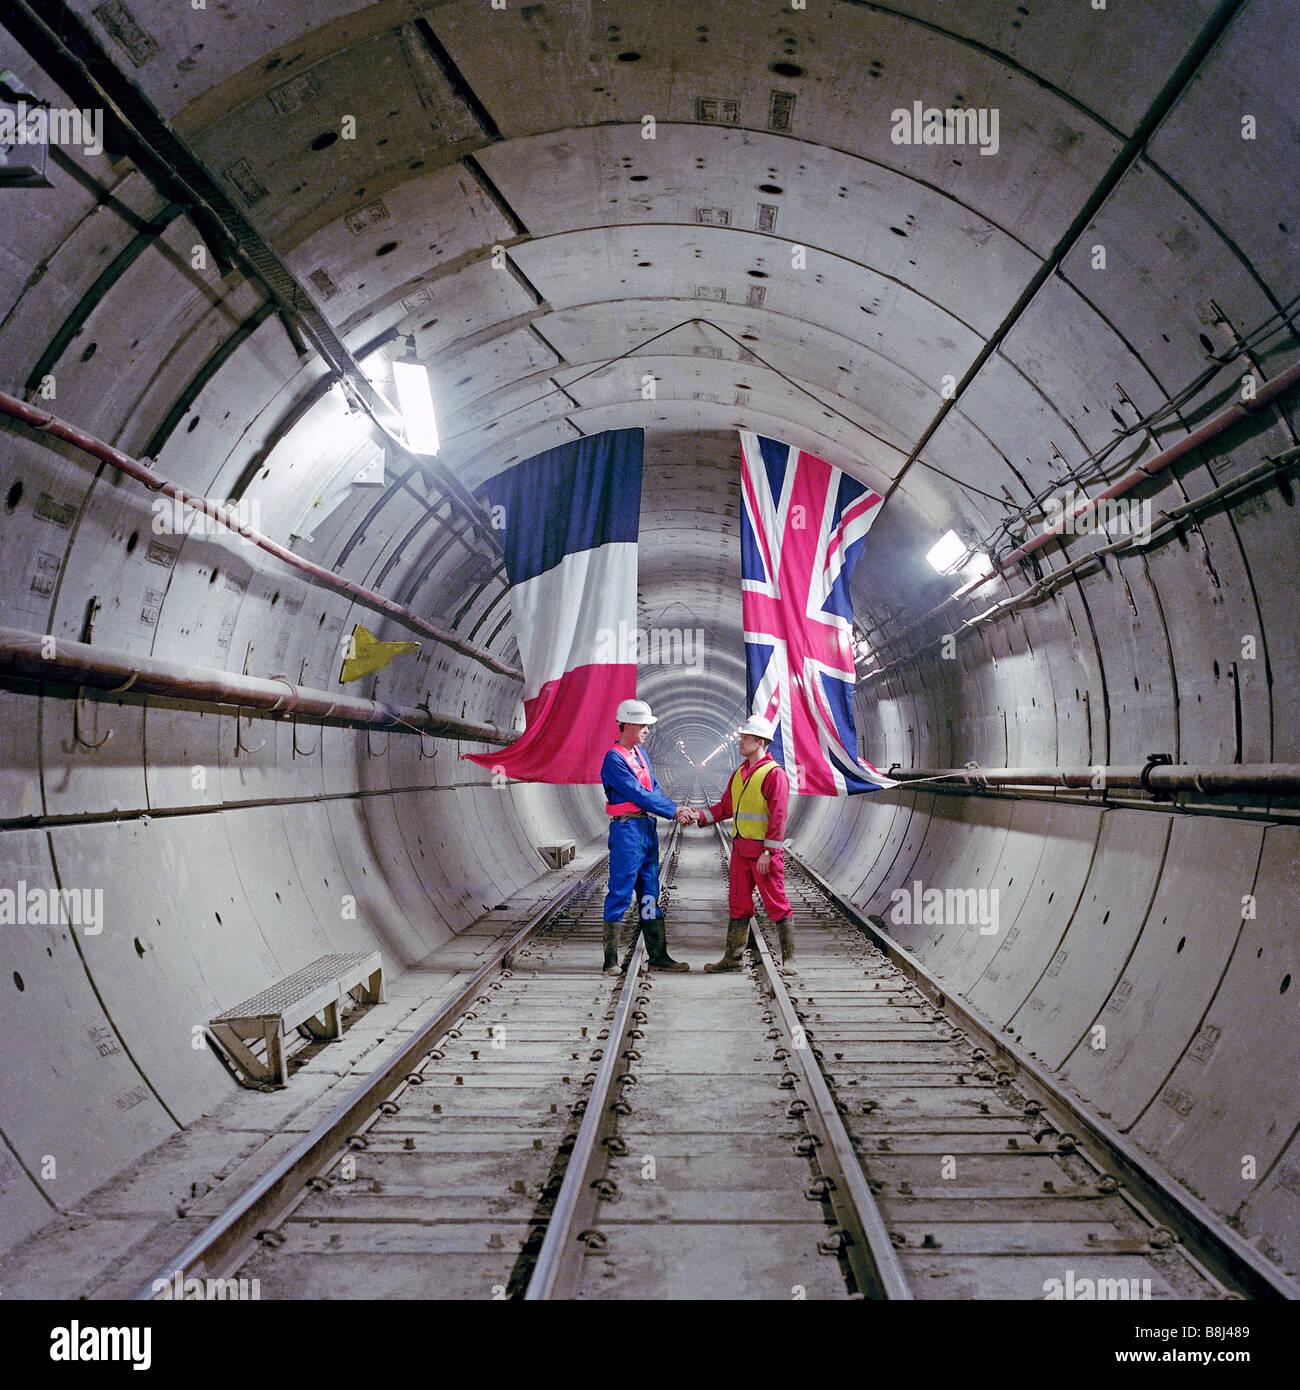 En un túnel ferroviario del Túnel del Canal de la Mancha, un ingeniero francés y del Reino Unido Imagen De Stock